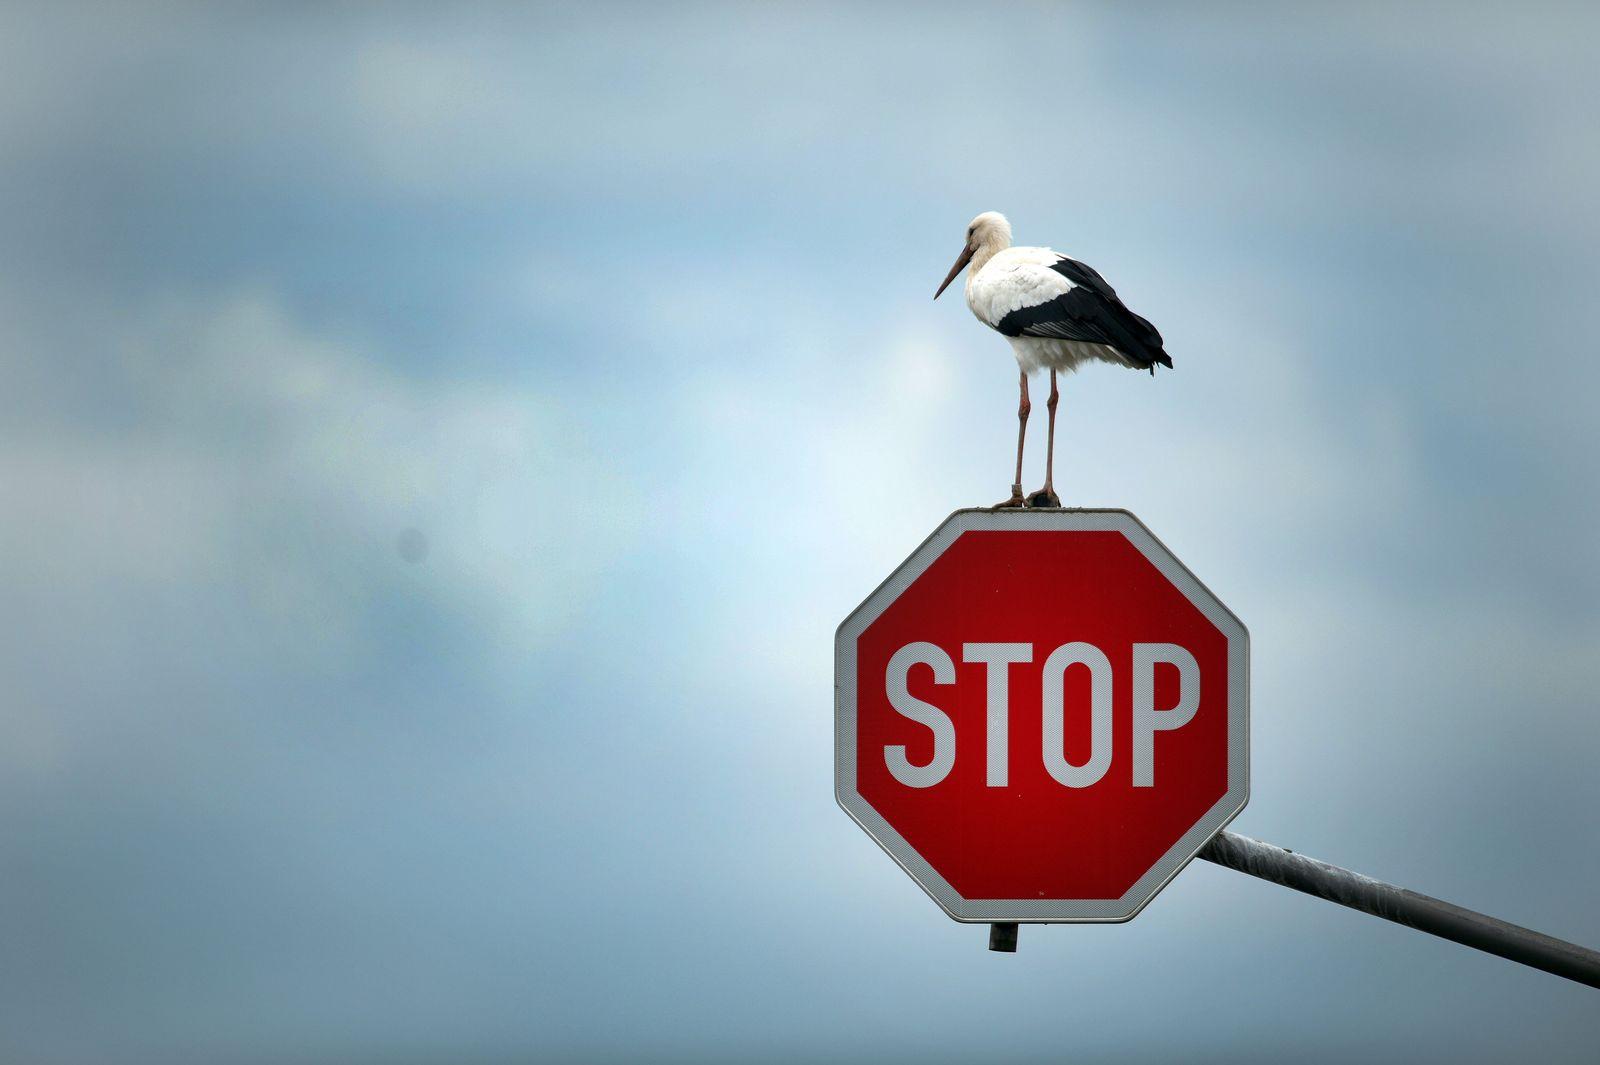 Storch auf Stop-Schild